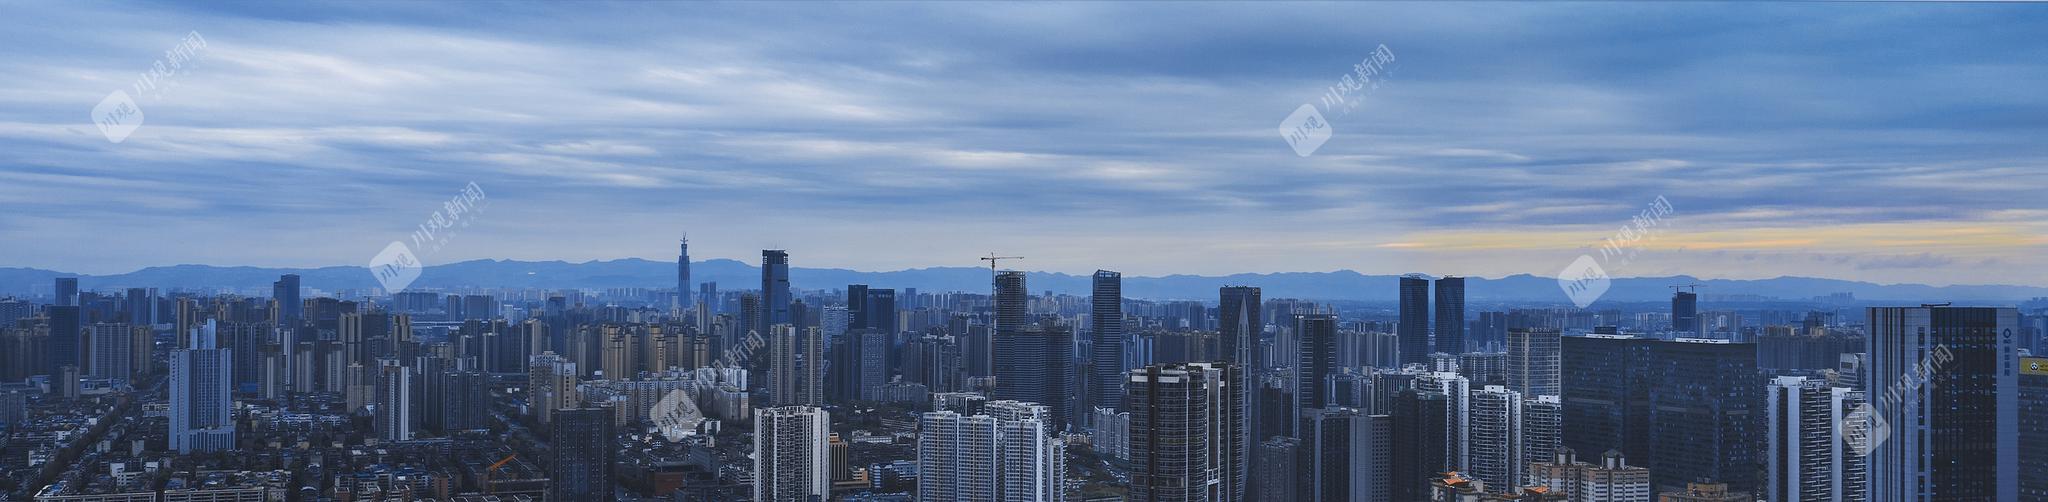 在成都市区东望龙泉山脉 四川在线记者 陈旻翔 摄影